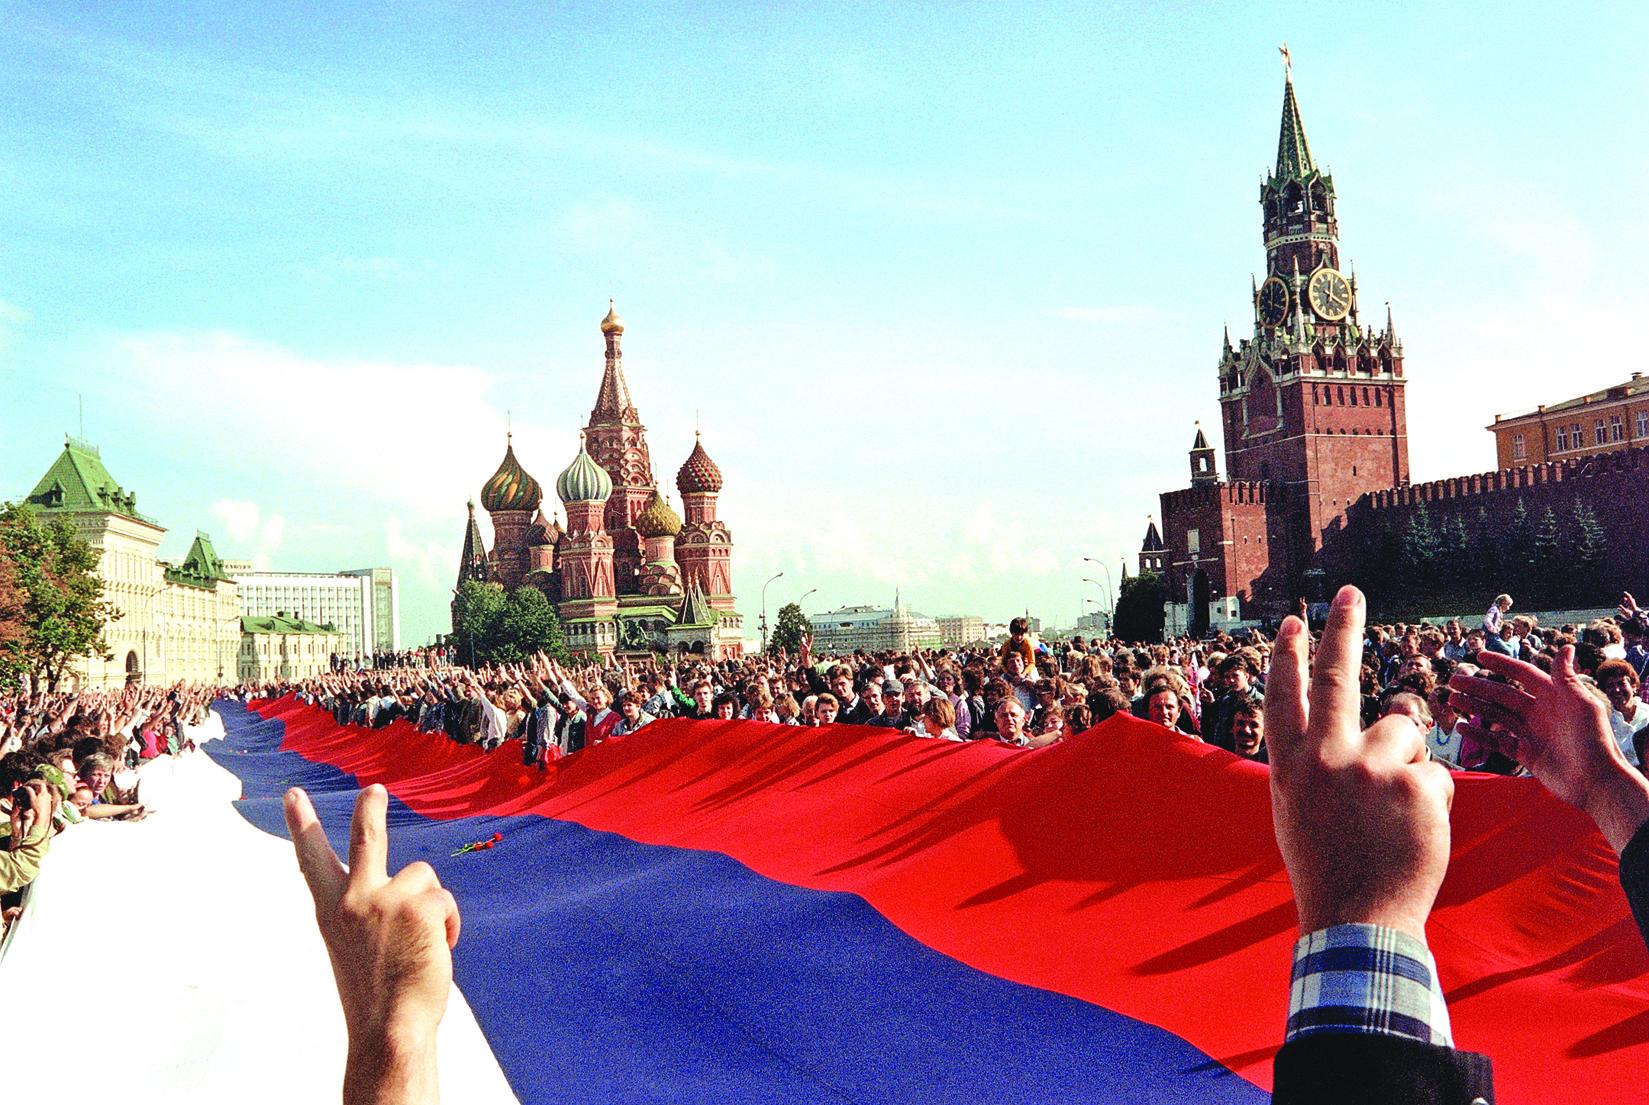 1991年8月22日,在莫斯科紅場,人們拿著一幅巨大的俄羅斯國旗慶祝蘇共解體。(AFP)